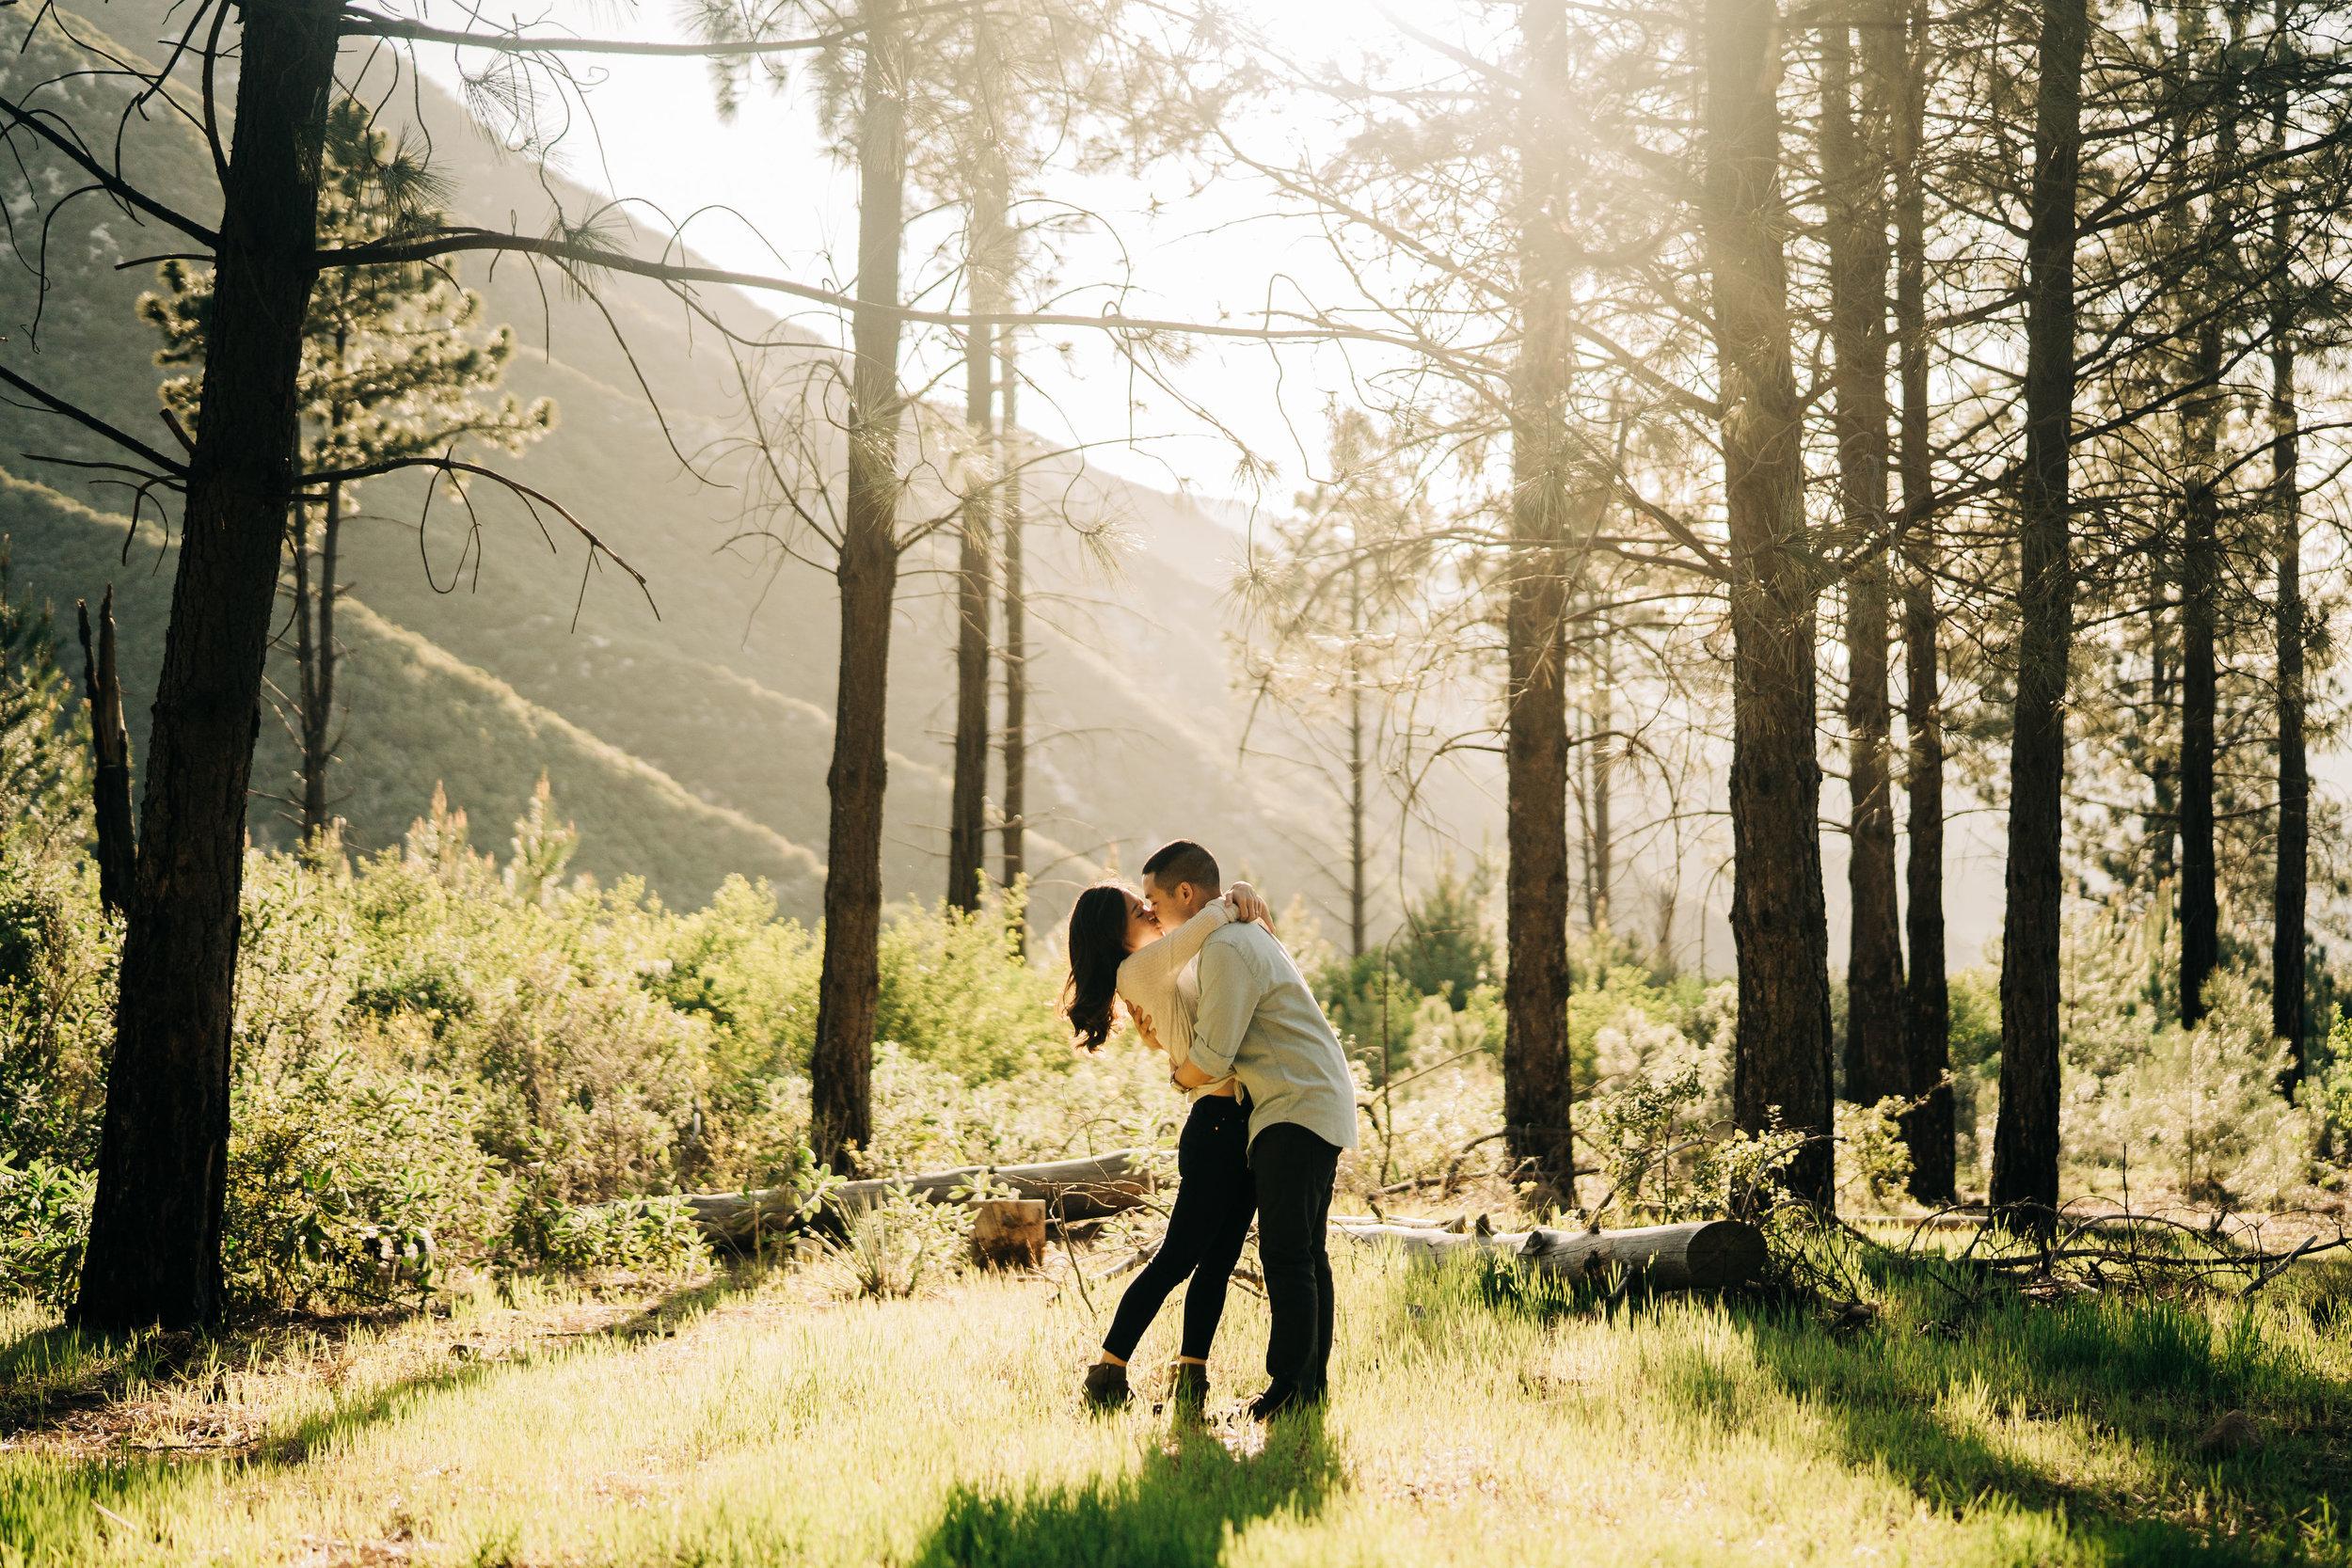 la-forest-engagement-photos-053.jpg